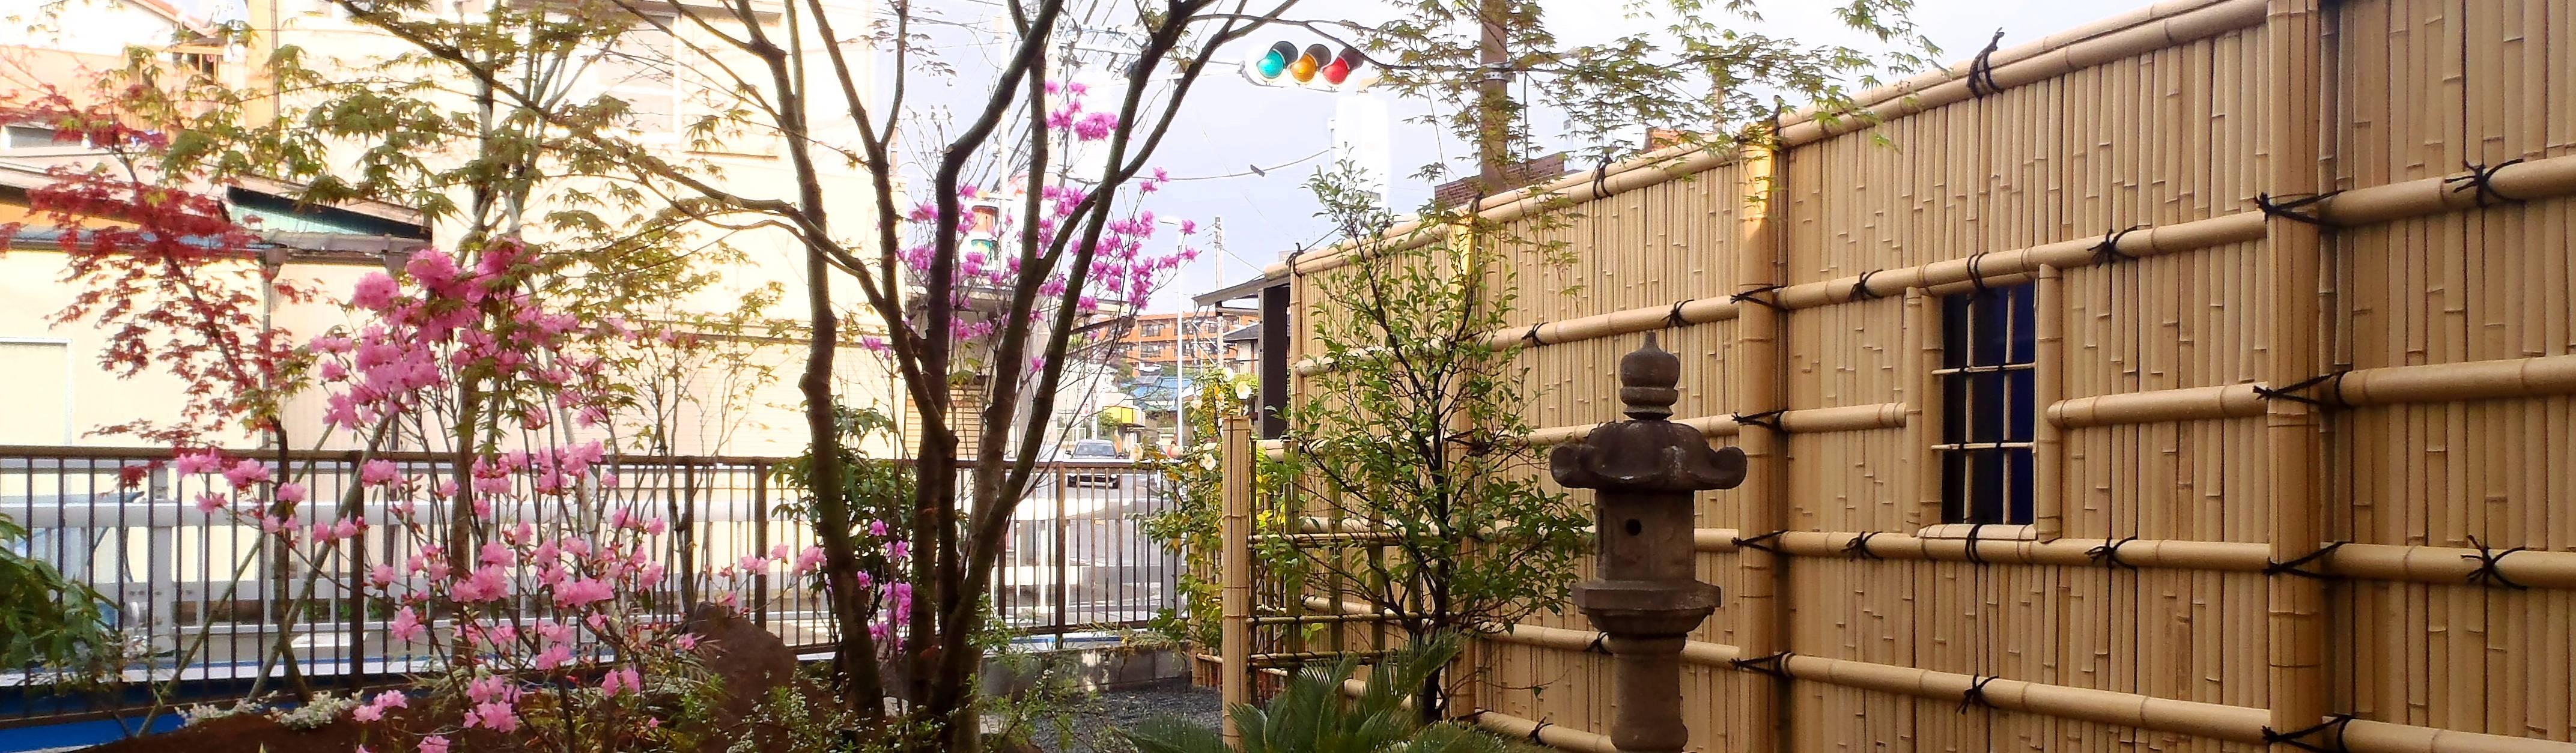 庭咲桜(にわざくら)